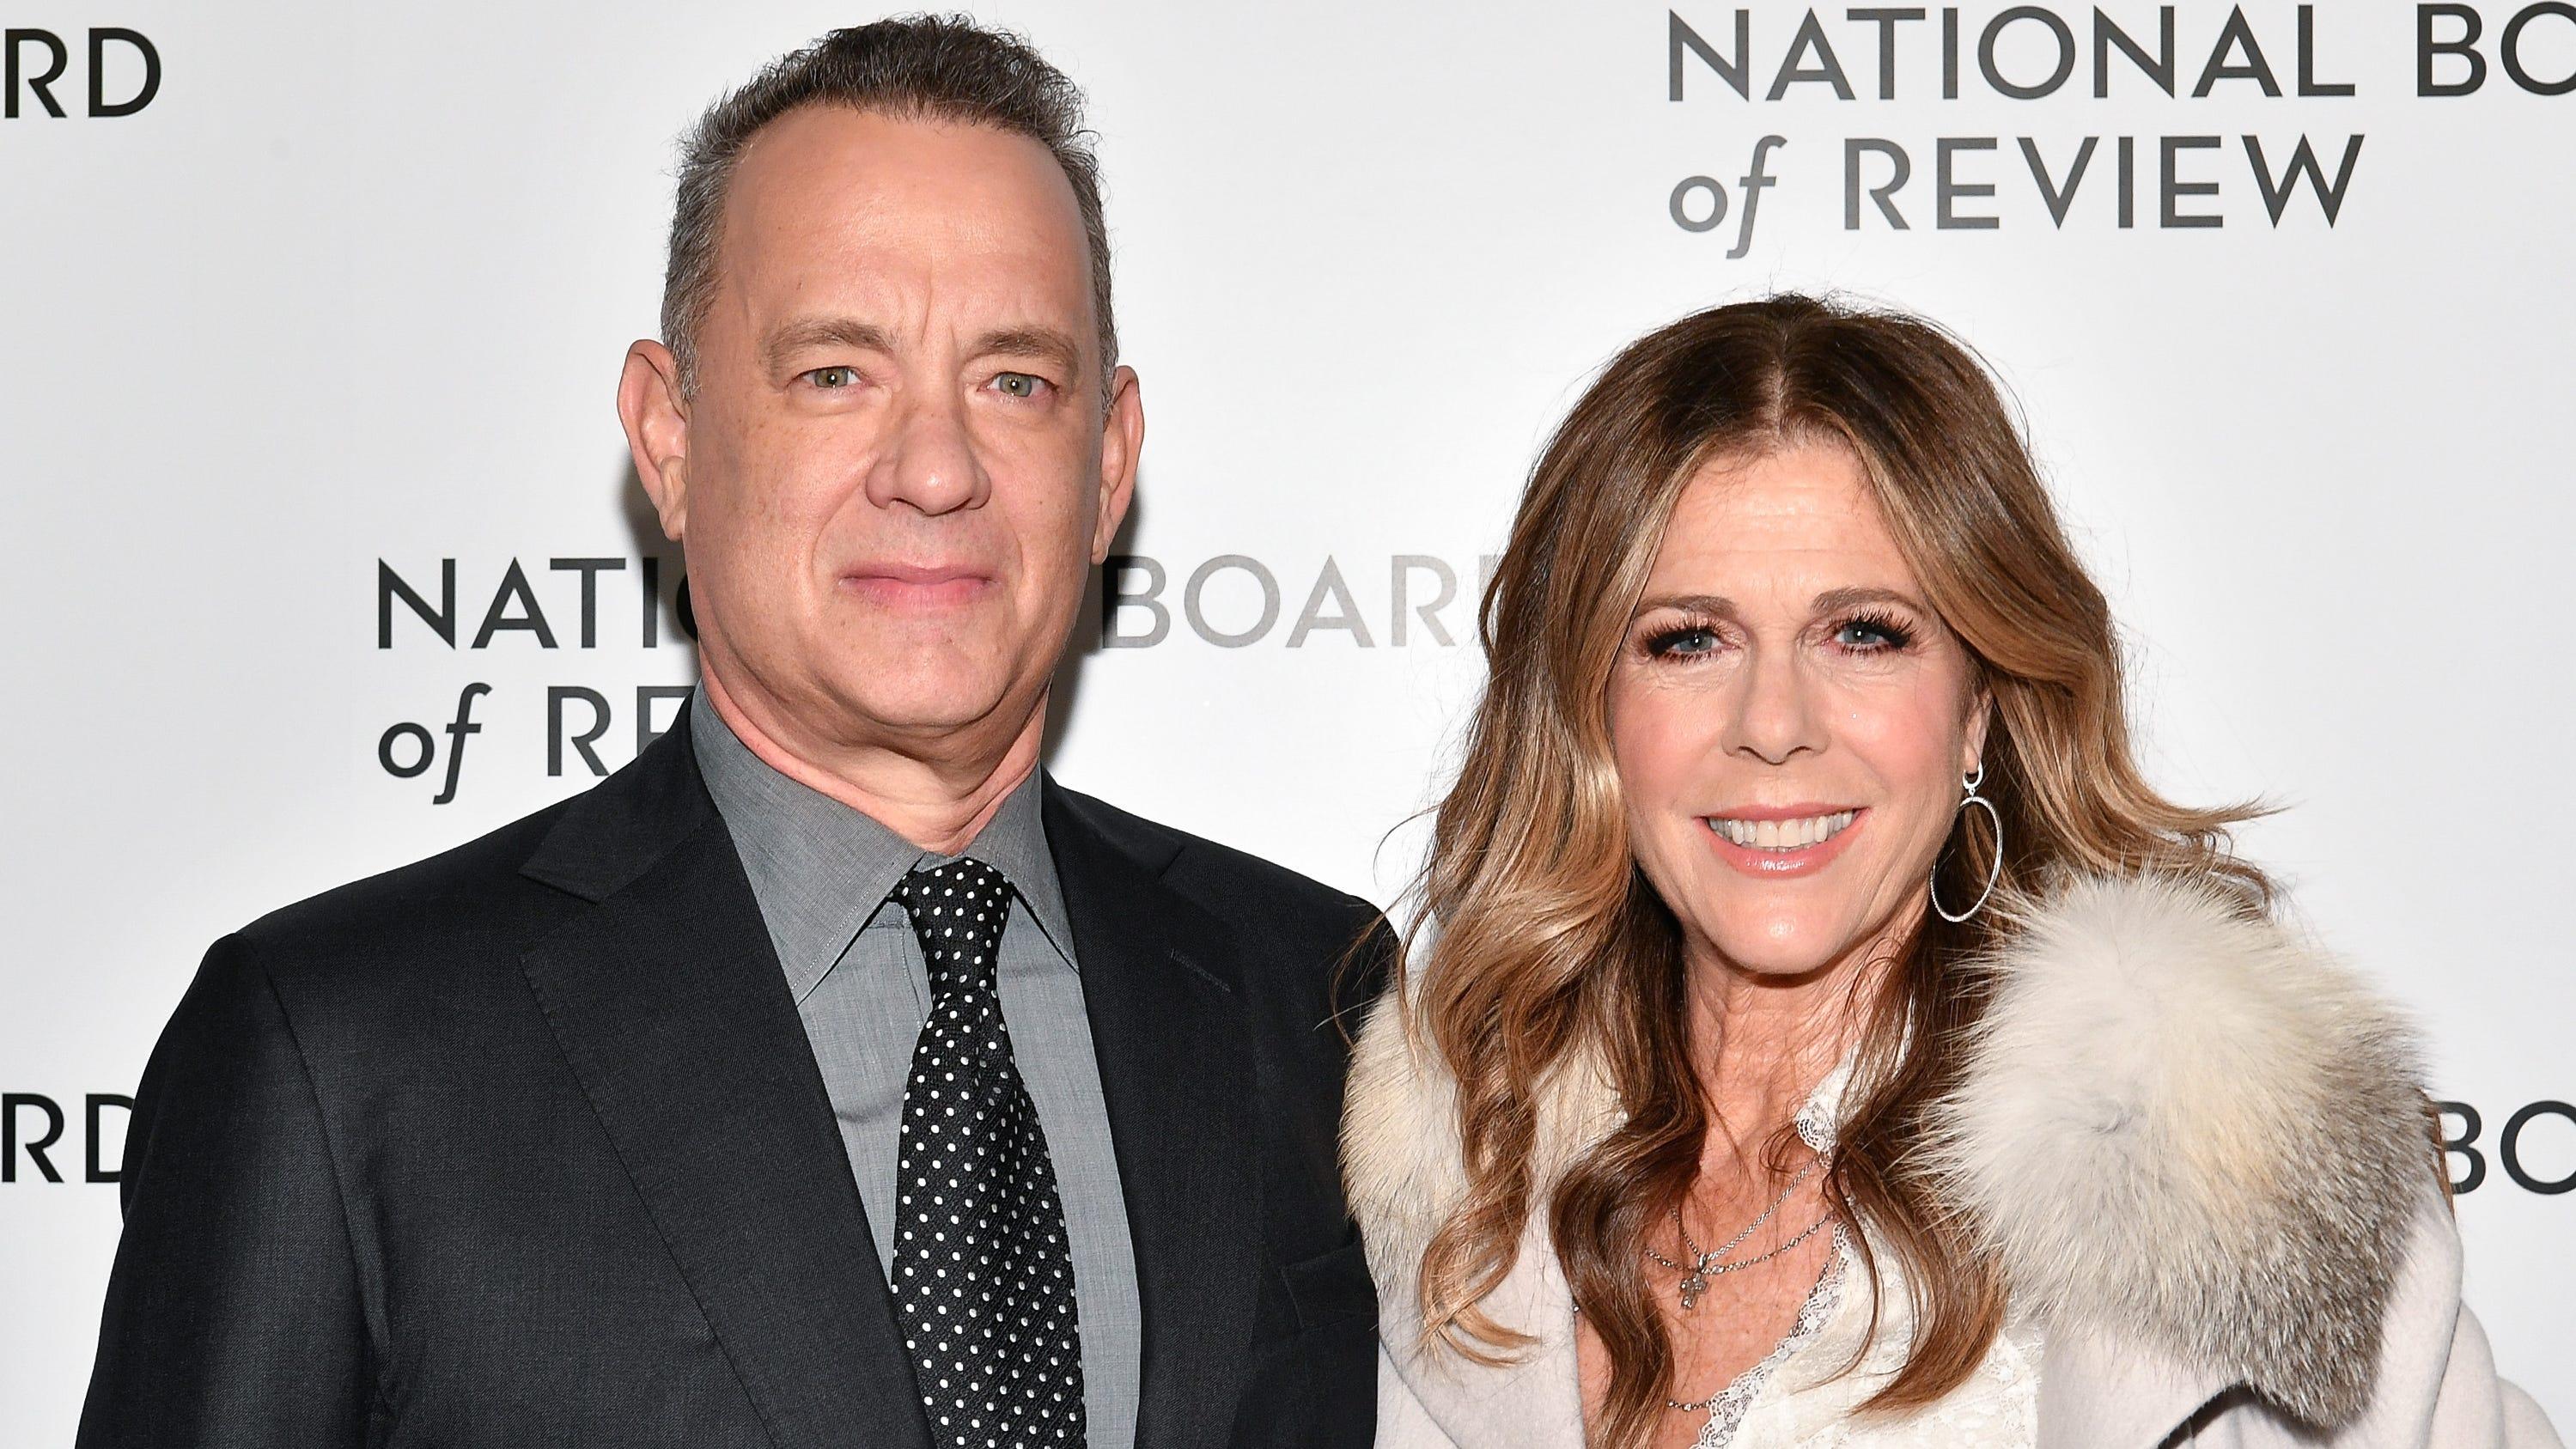 Tom Hanks Networth - Iunie 2021